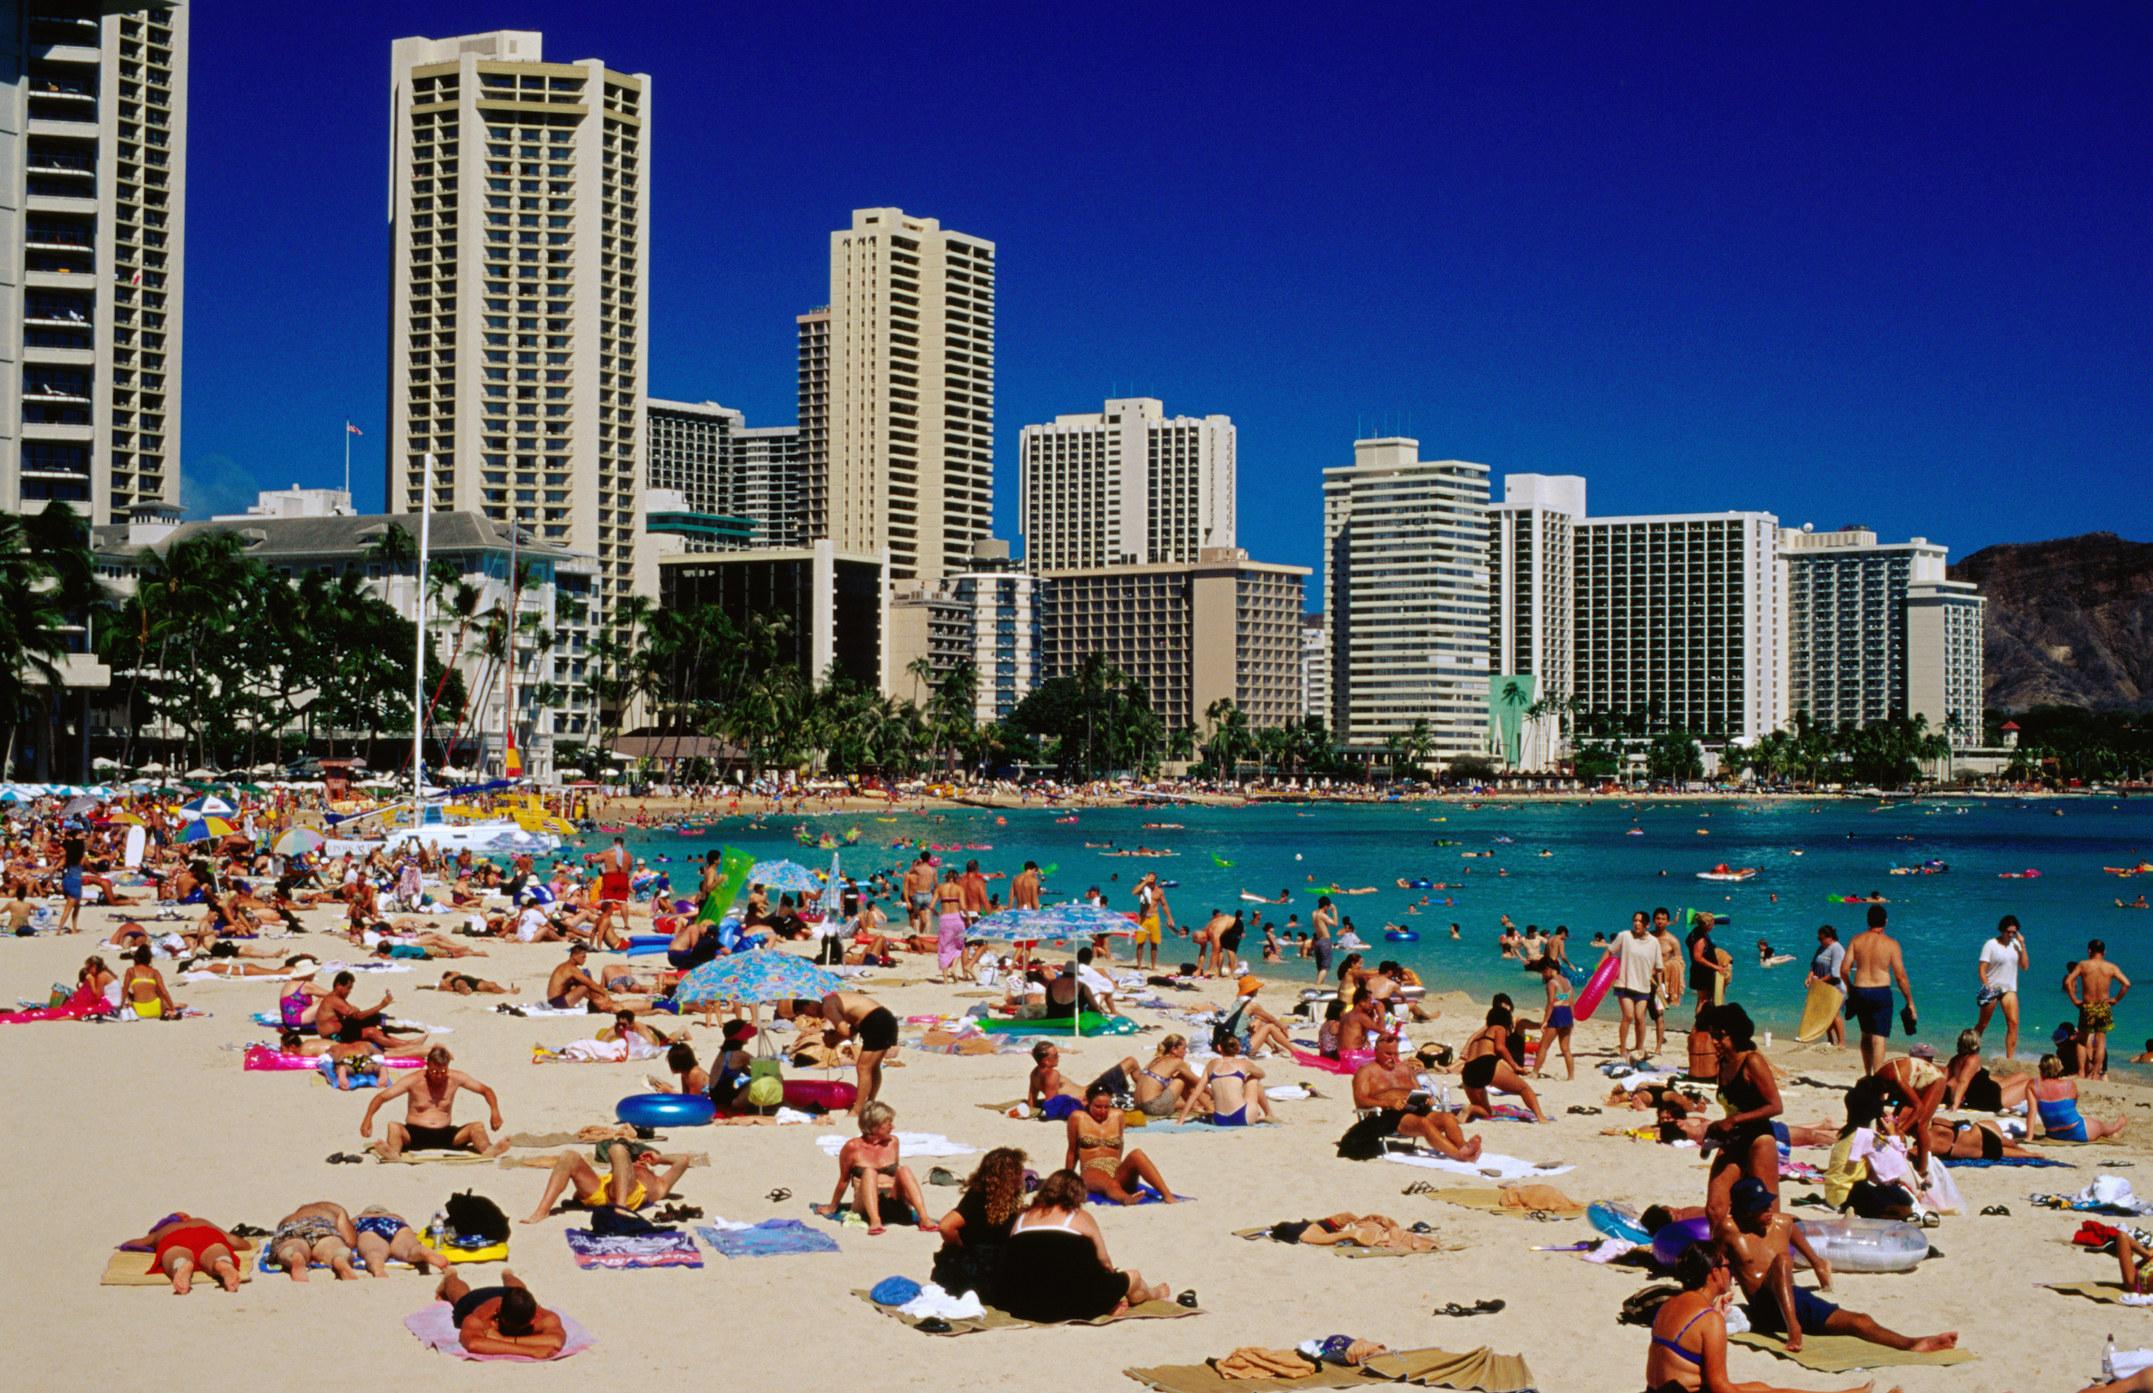 Waikiki beach in Oahu.